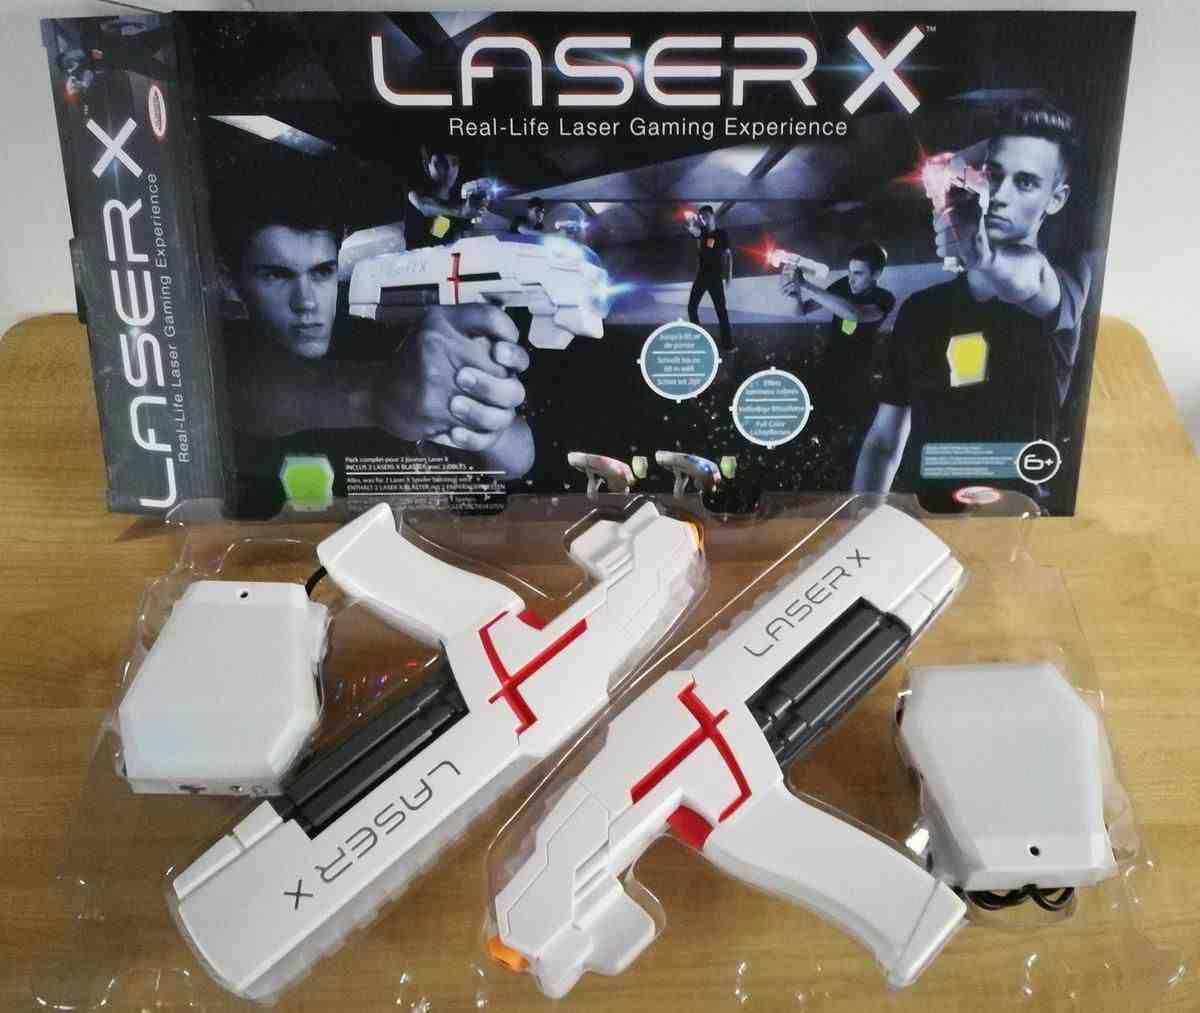 Comment jouez-vous au jeu laser?